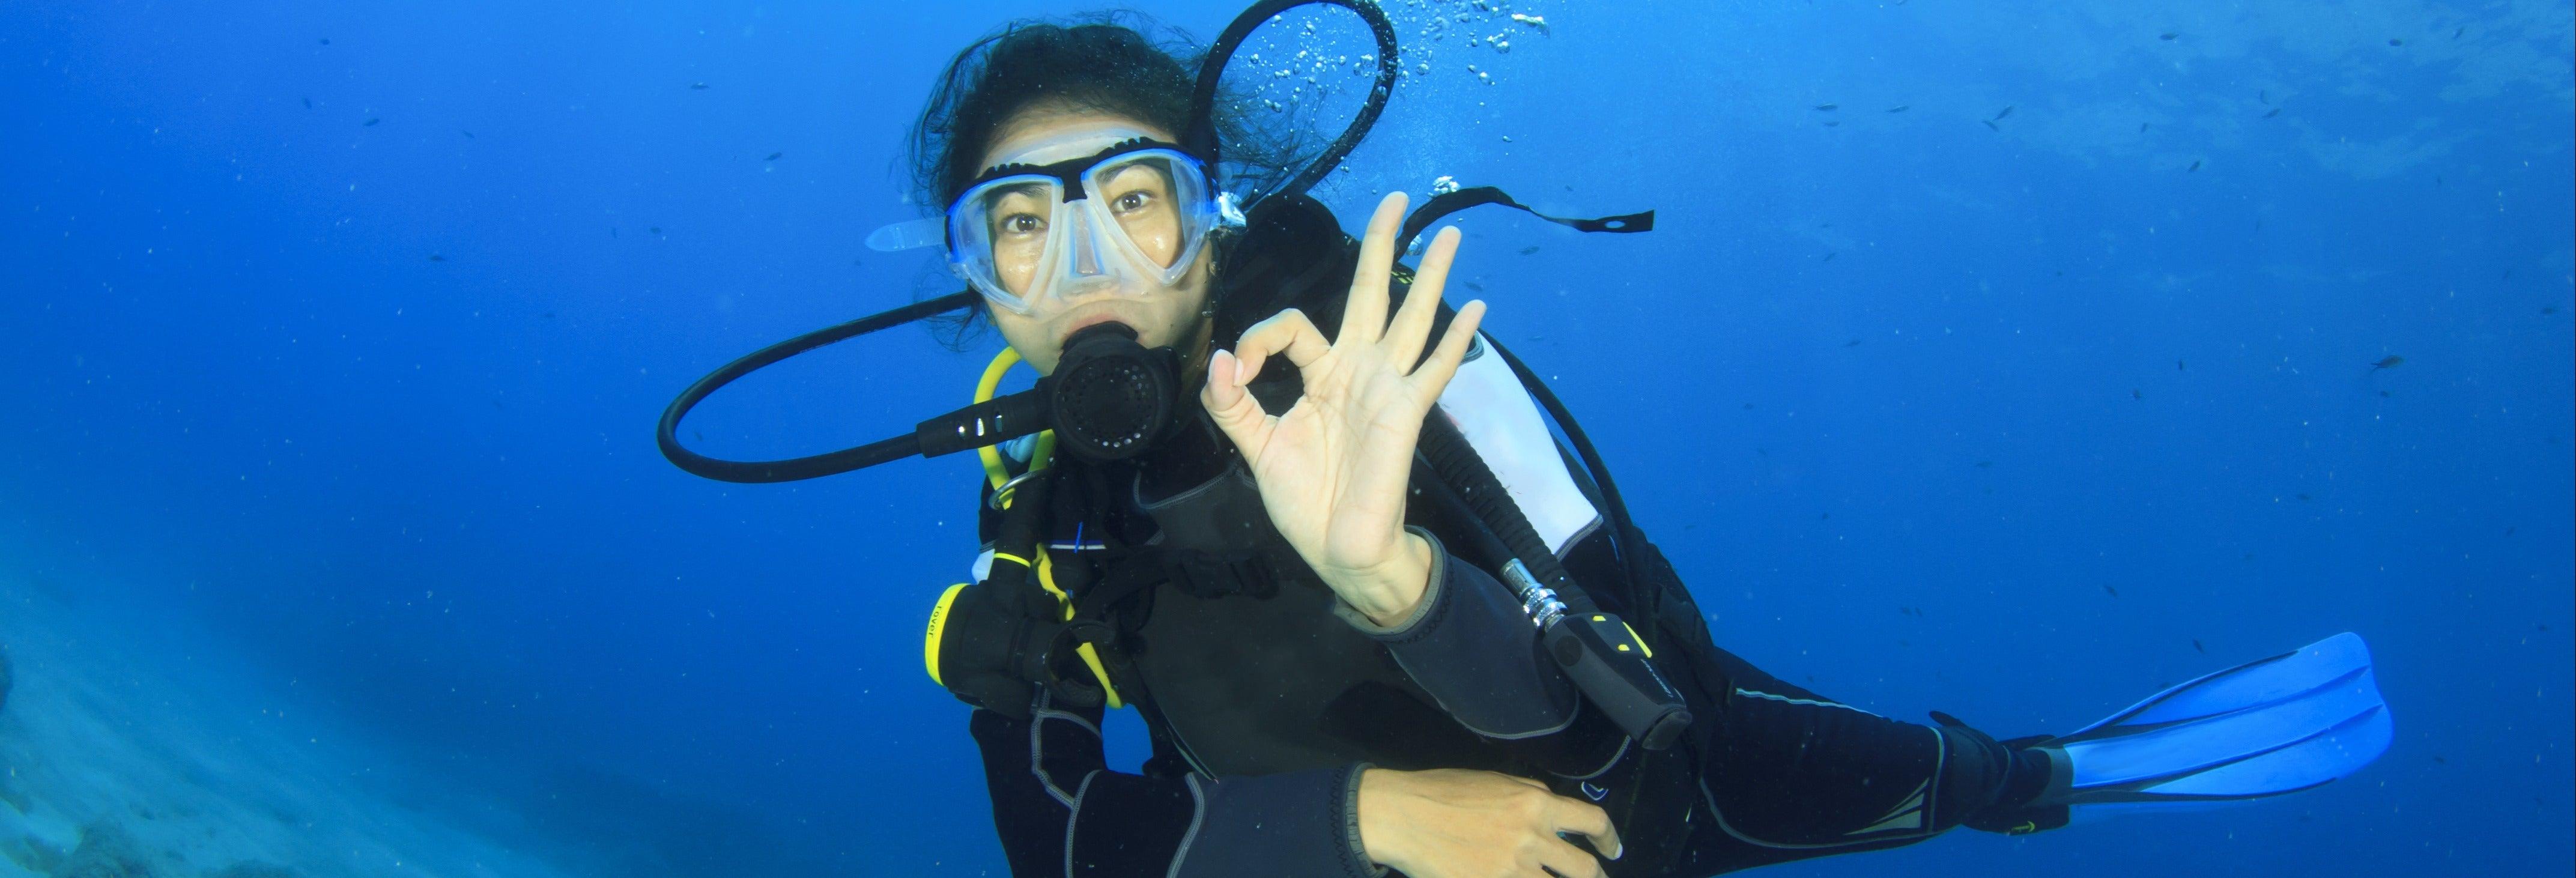 Curso PADI Scuba Diver en Costa Teguise